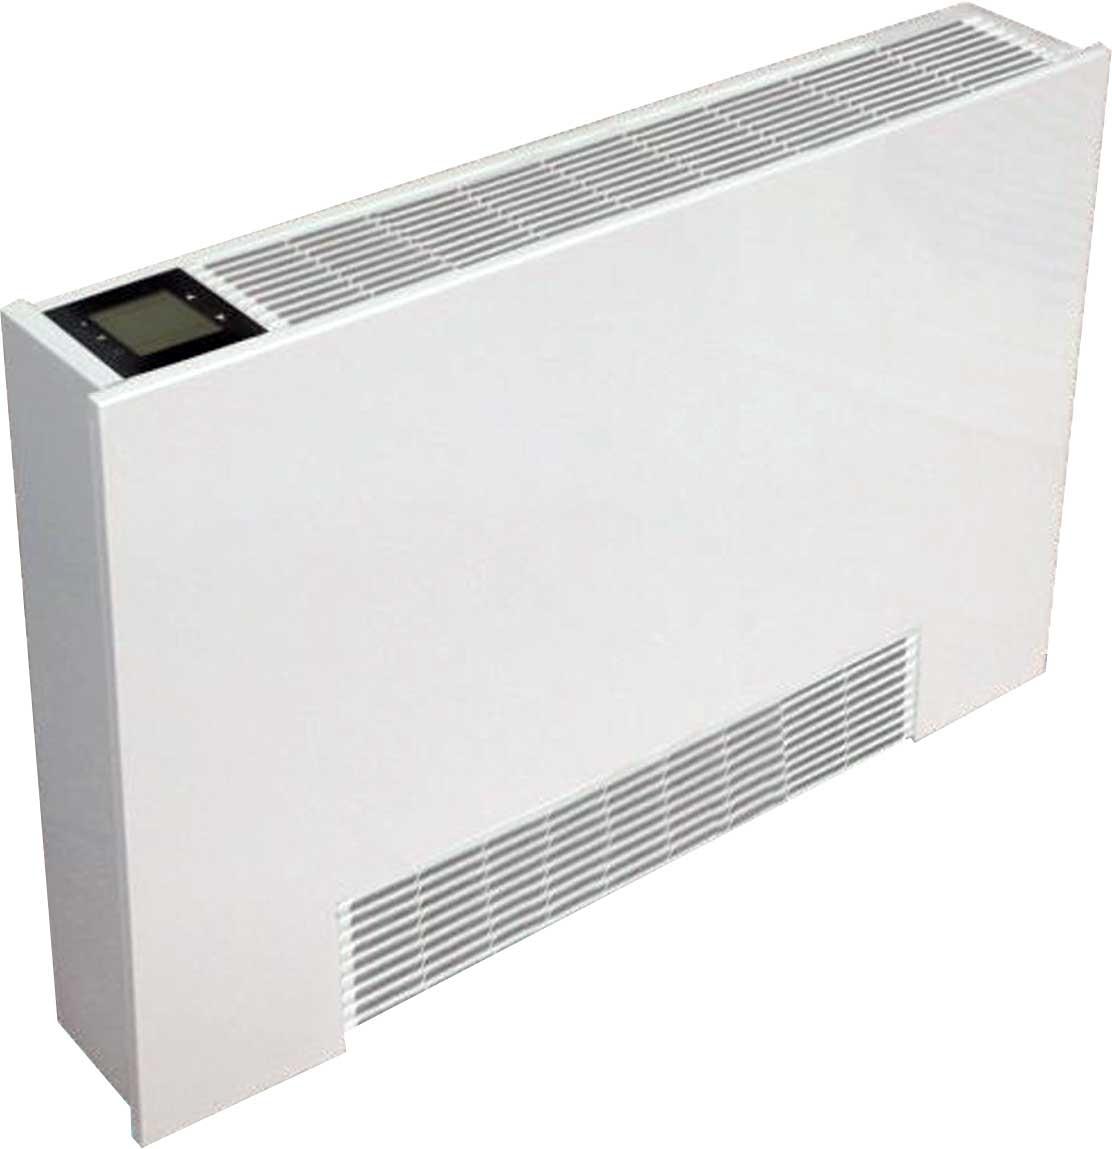 super-slim-universal-console-fan-coil-range